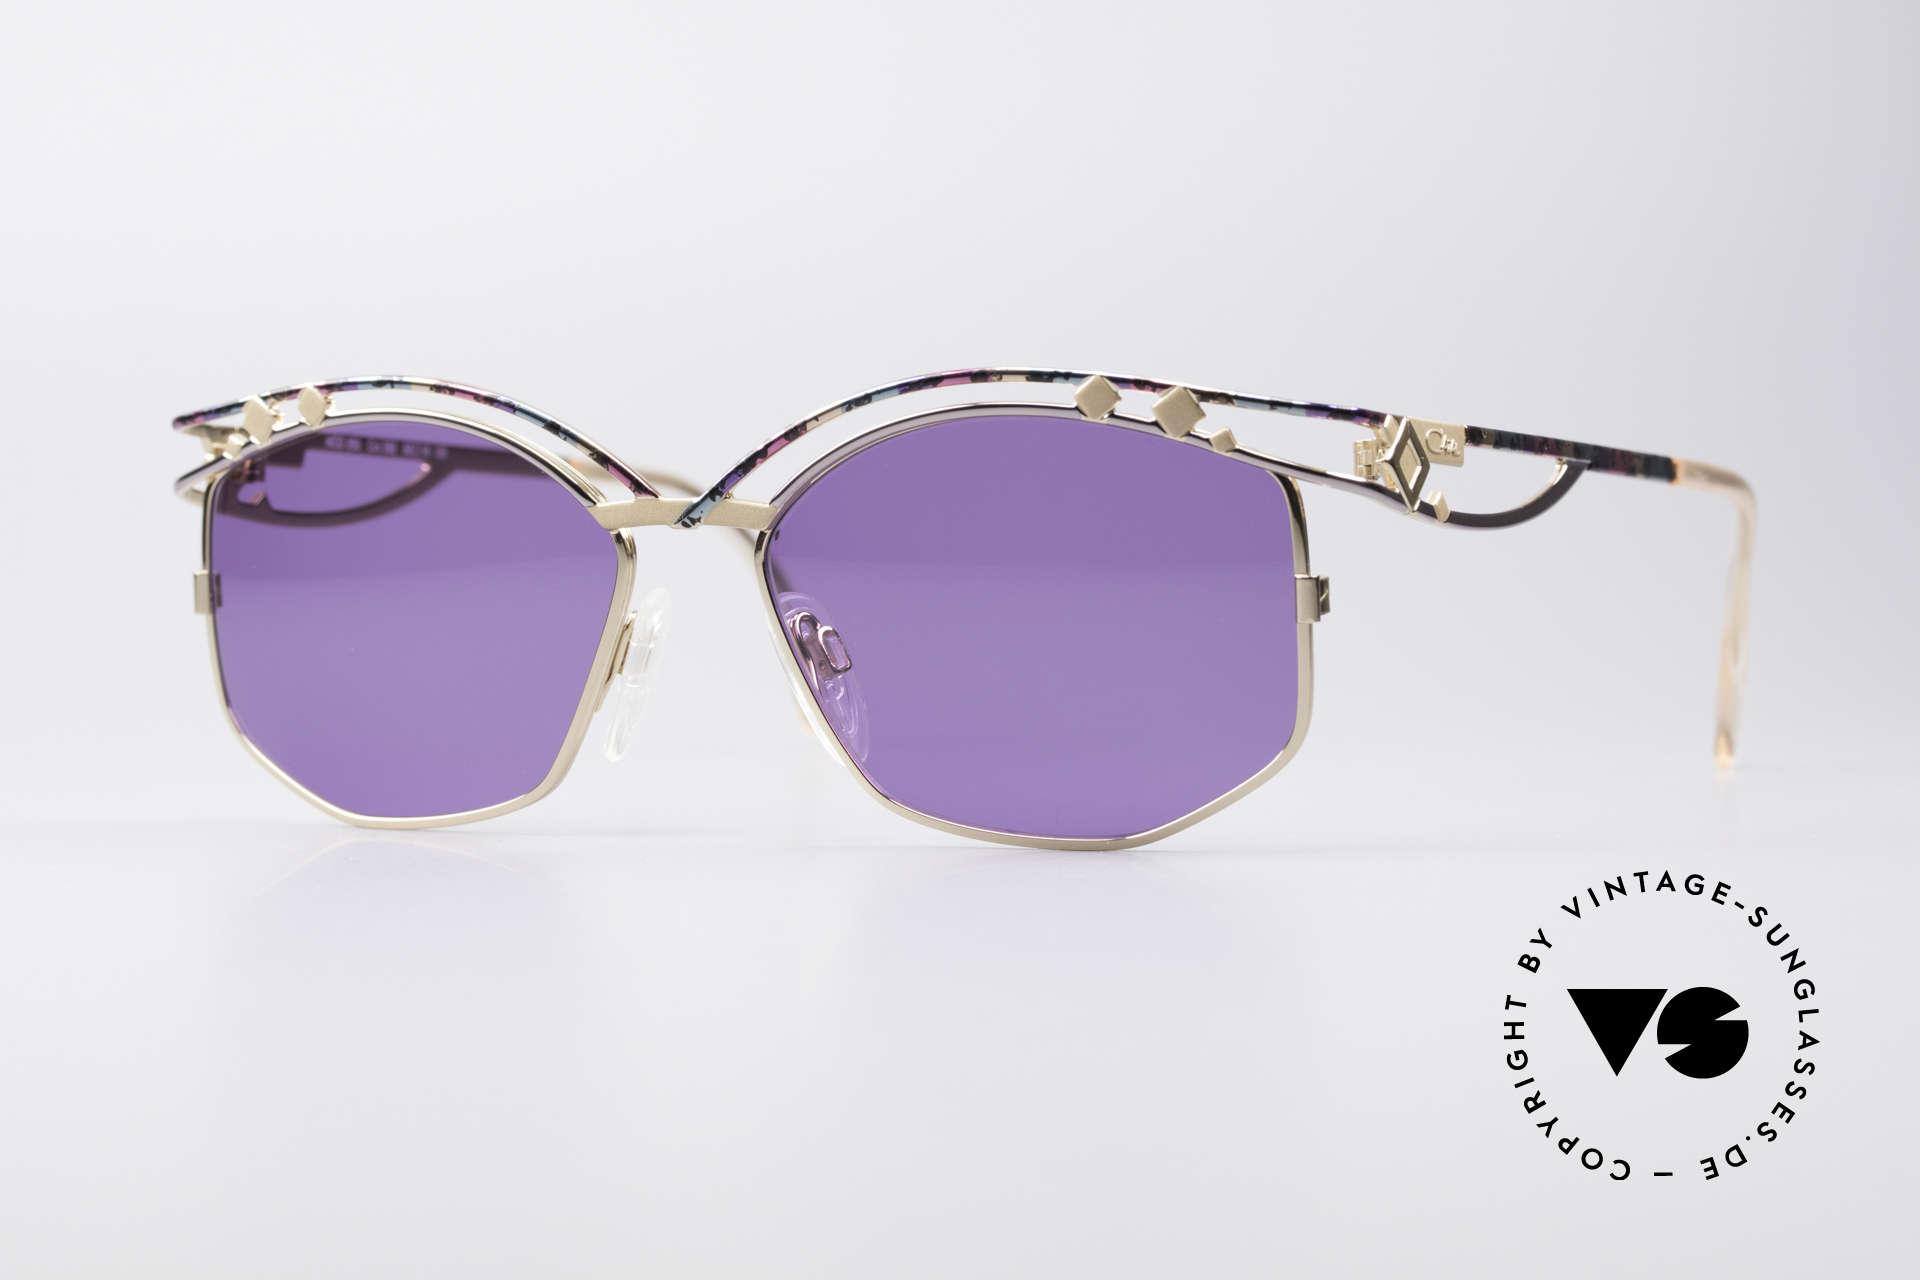 Cazal 280 Designer Sonnenbrille Damen, echte Cazal vintage Designer-Brille von ca. 1997, Passend für Damen